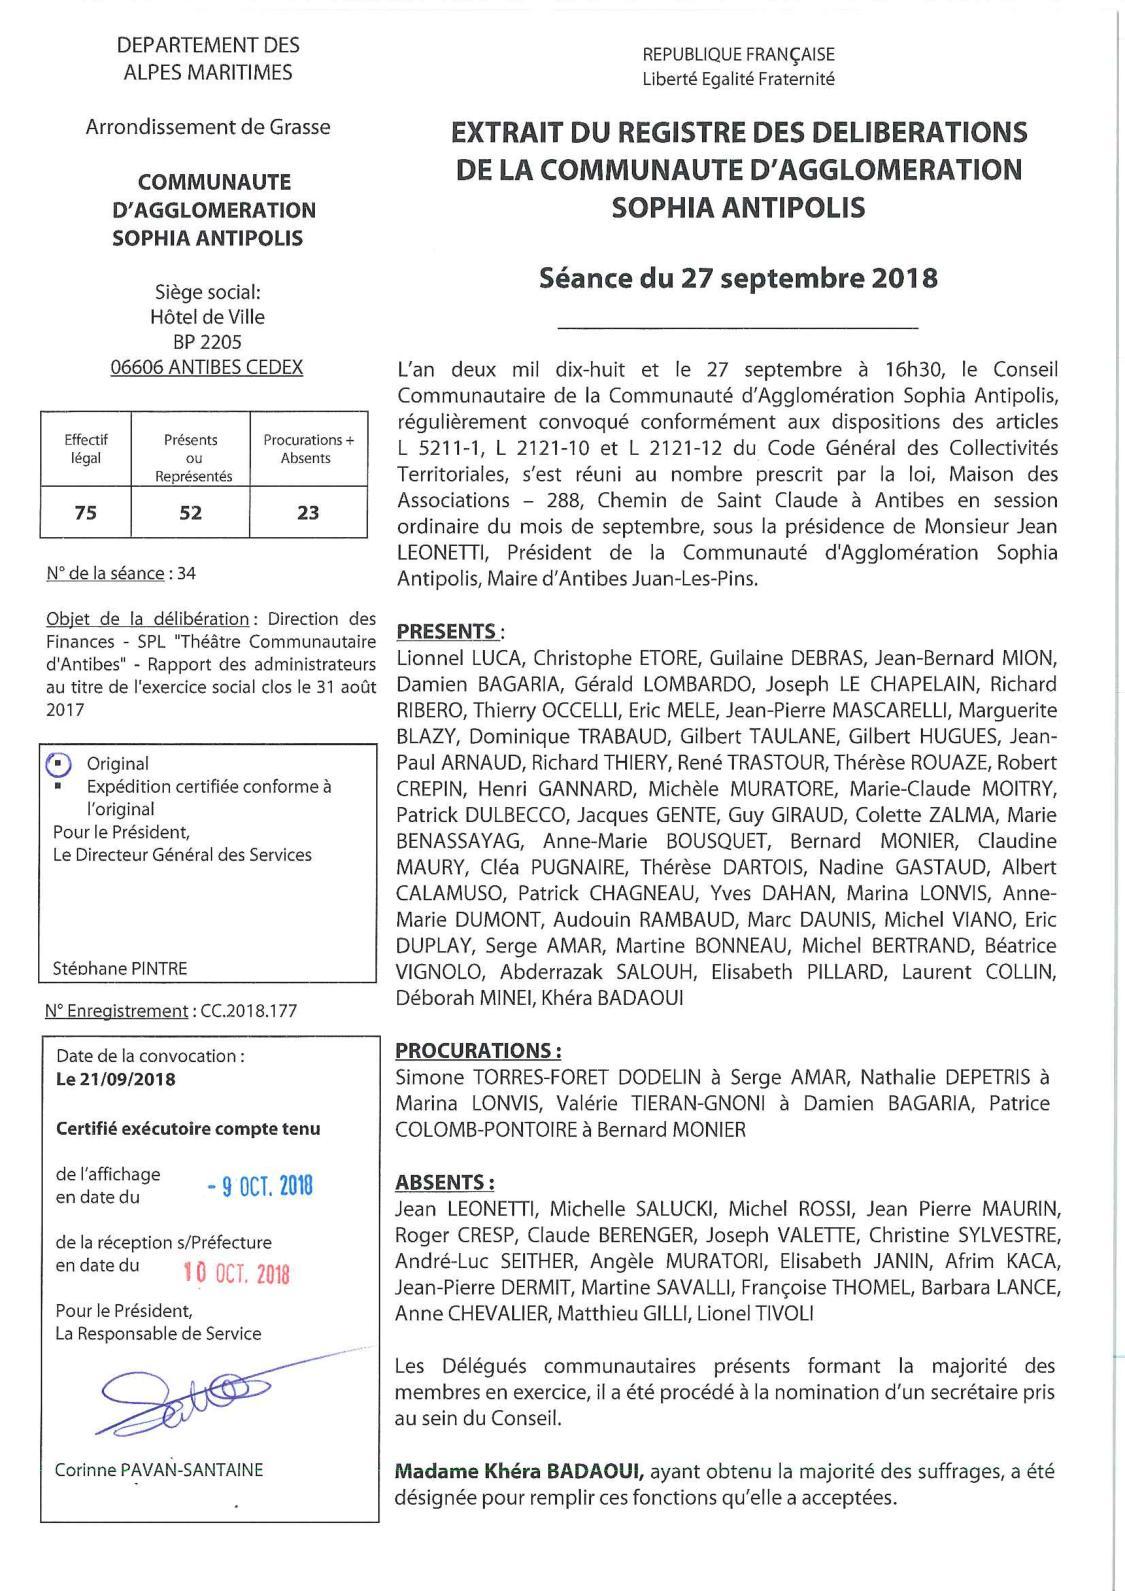 Calaméo - CC 2018 177 DFI - SPL TCA - Rapport Des Administrateurs Exercice  Clos Le 31 08 2017